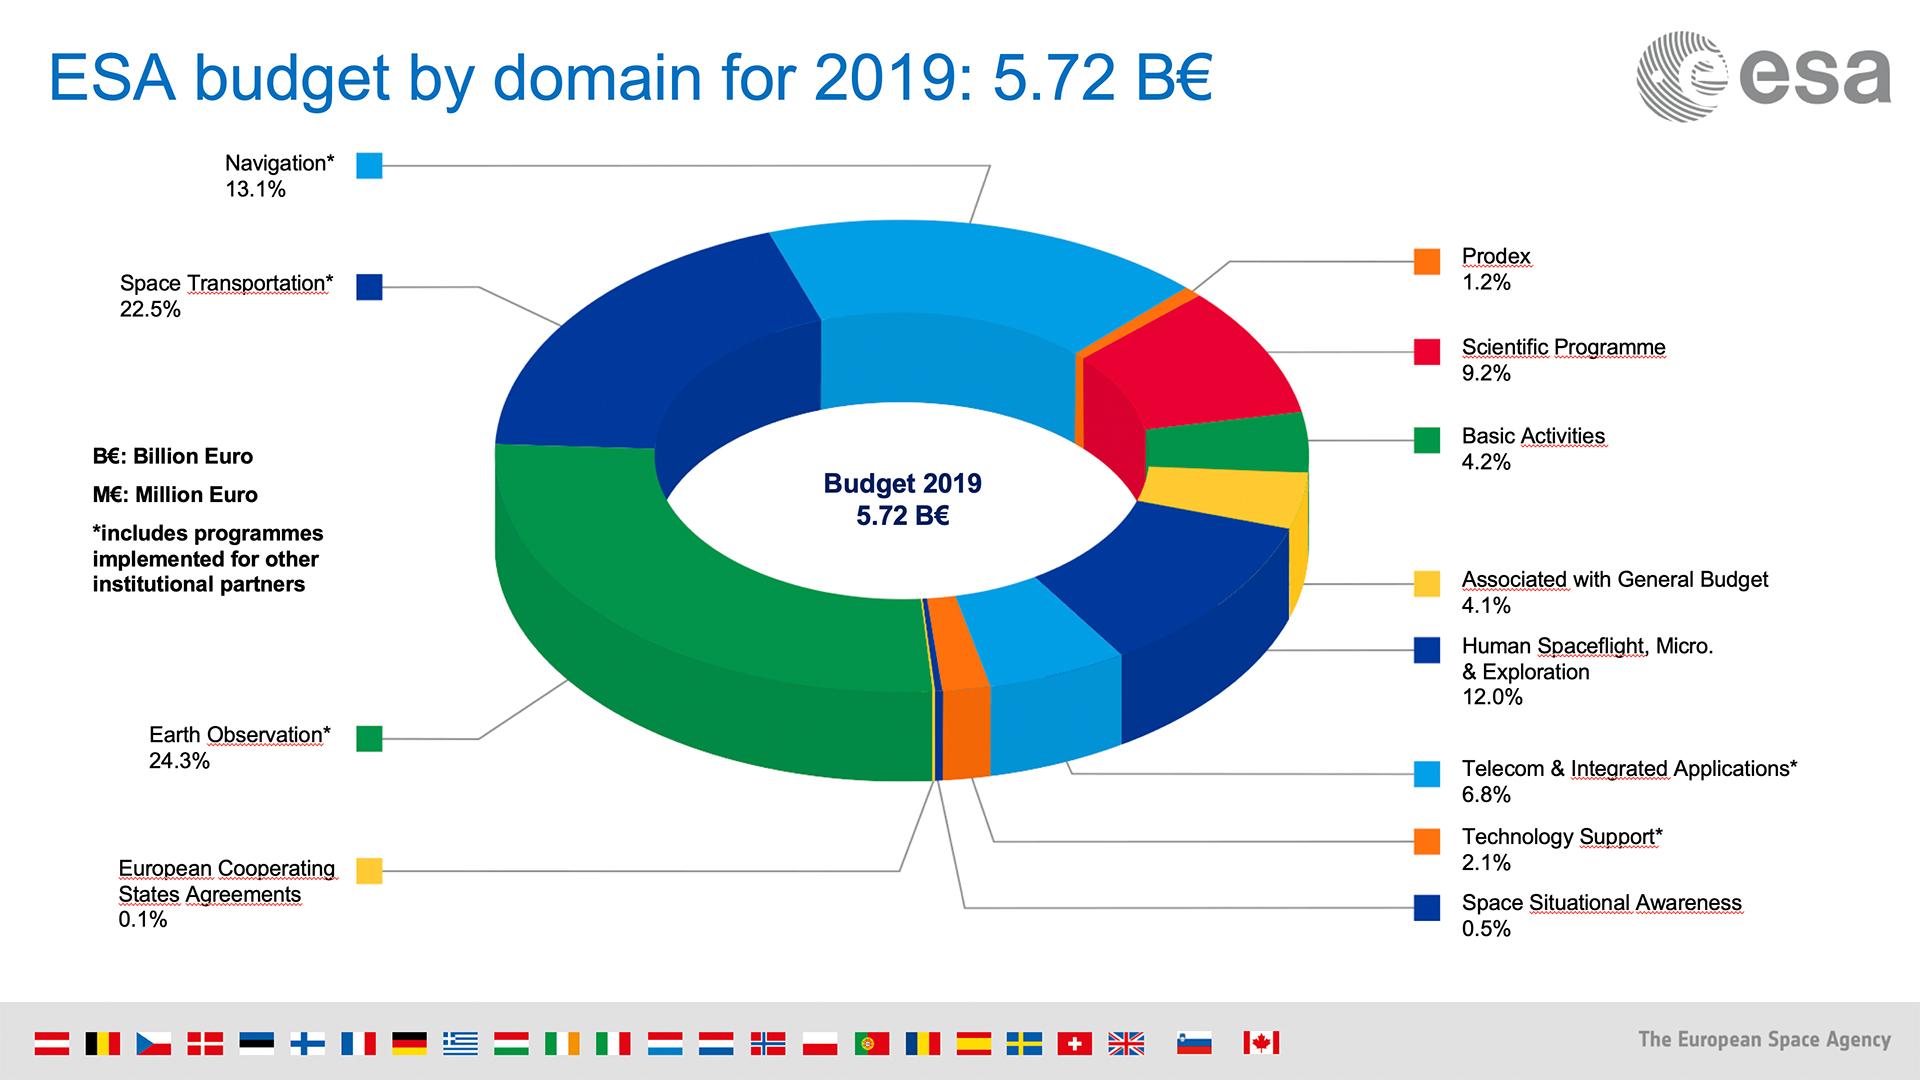 ESA's budget for 2019